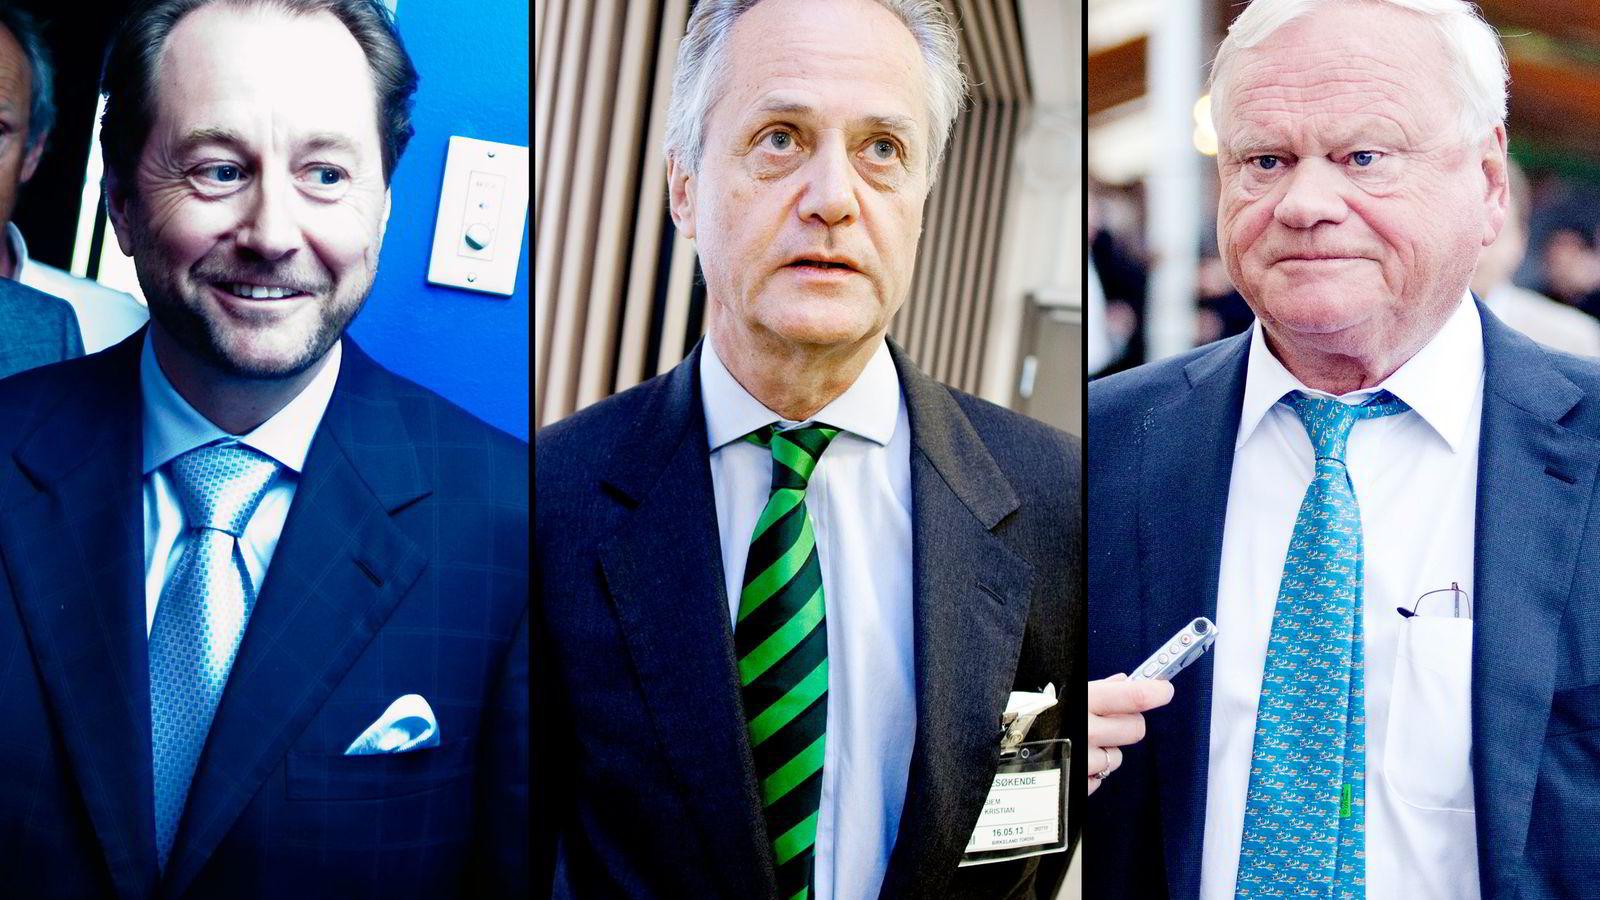 BRASILBREMS. Kjell Inge Røkke (fra venstre), Kristian Siem og John Fredriksen er alle eksponert mot det statlige brasilianske statsoljeselskapet Petrobras.